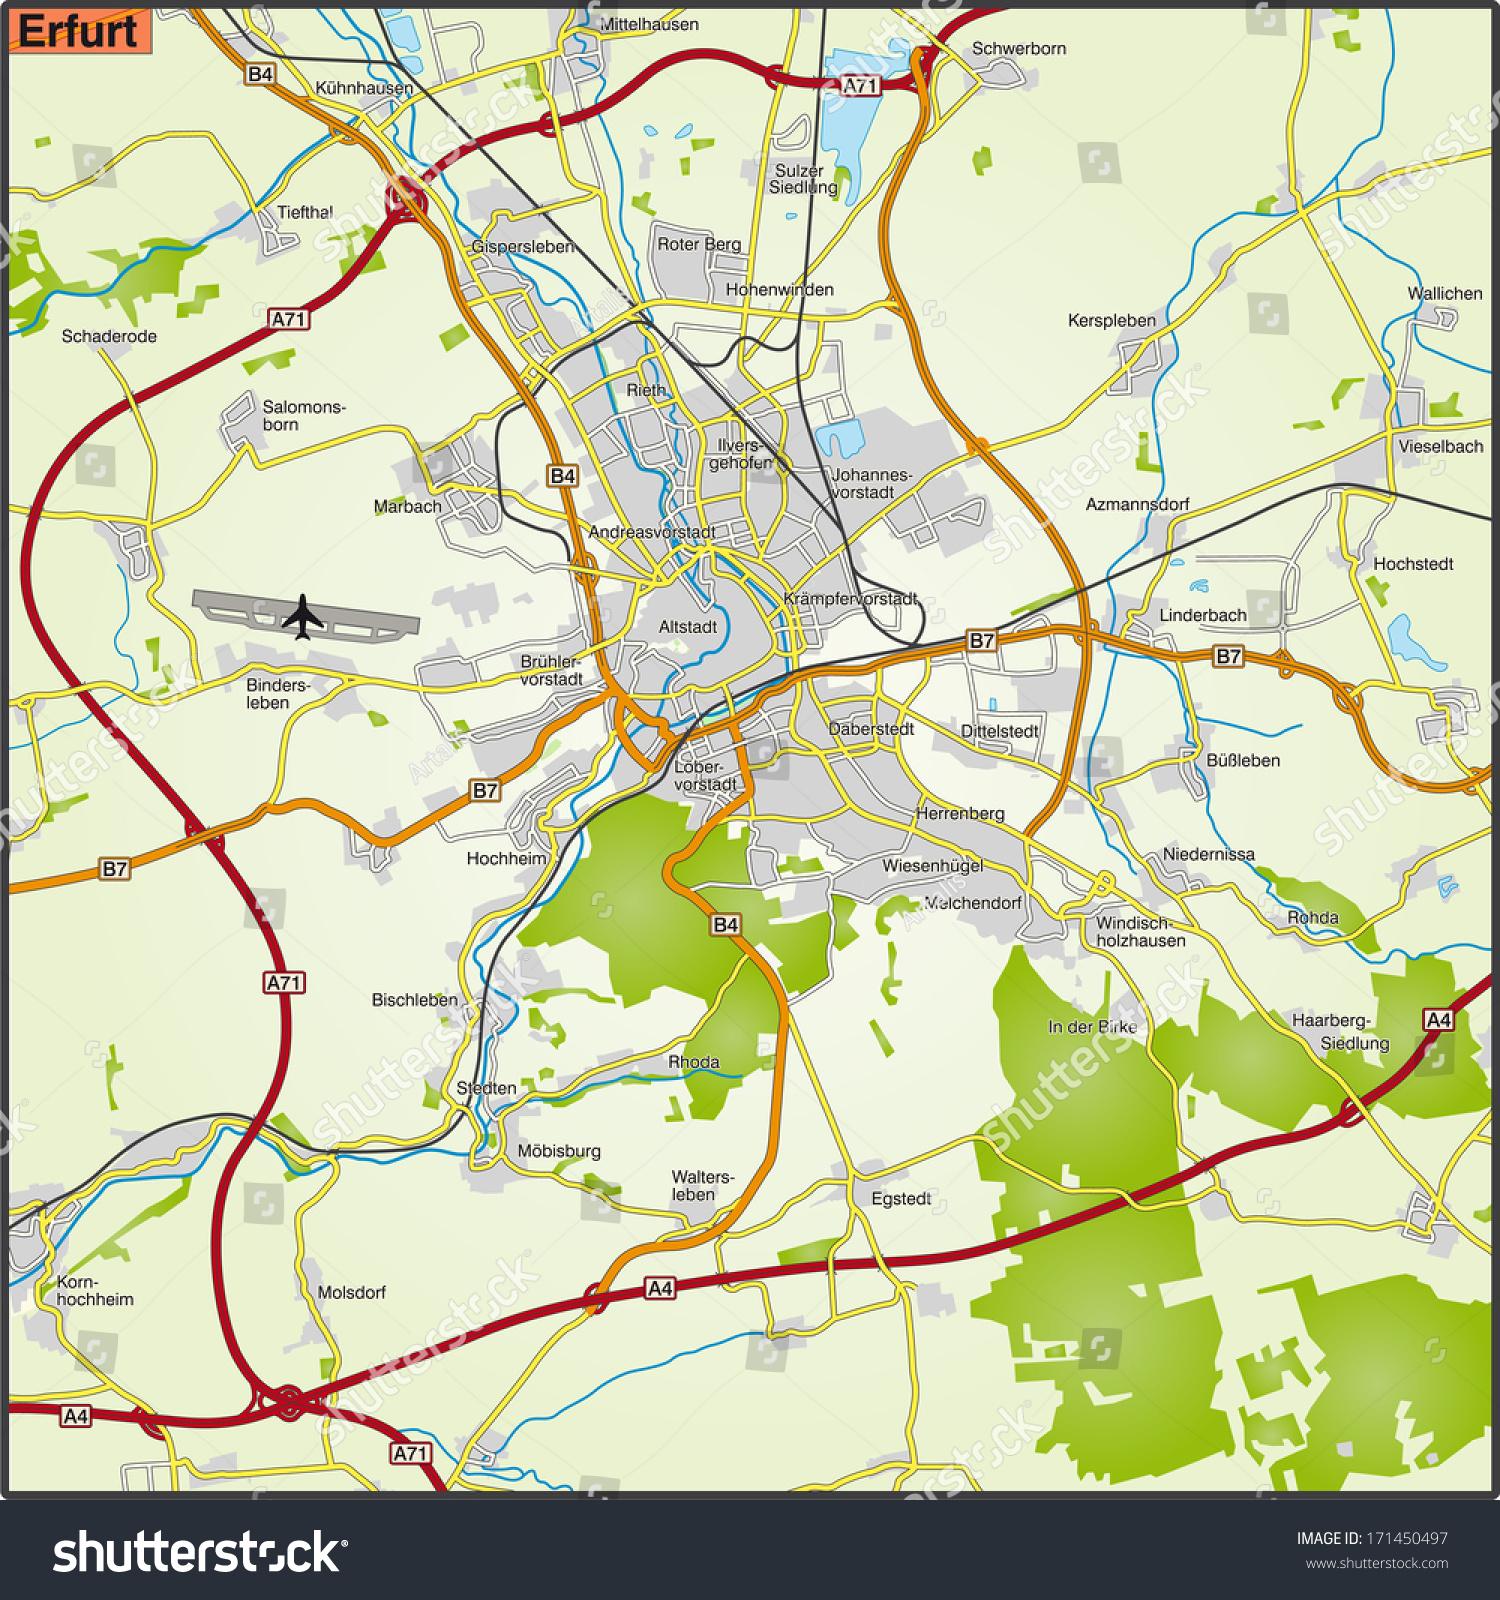 Map Erfurt Stock Illustration 171450497 Shutterstock